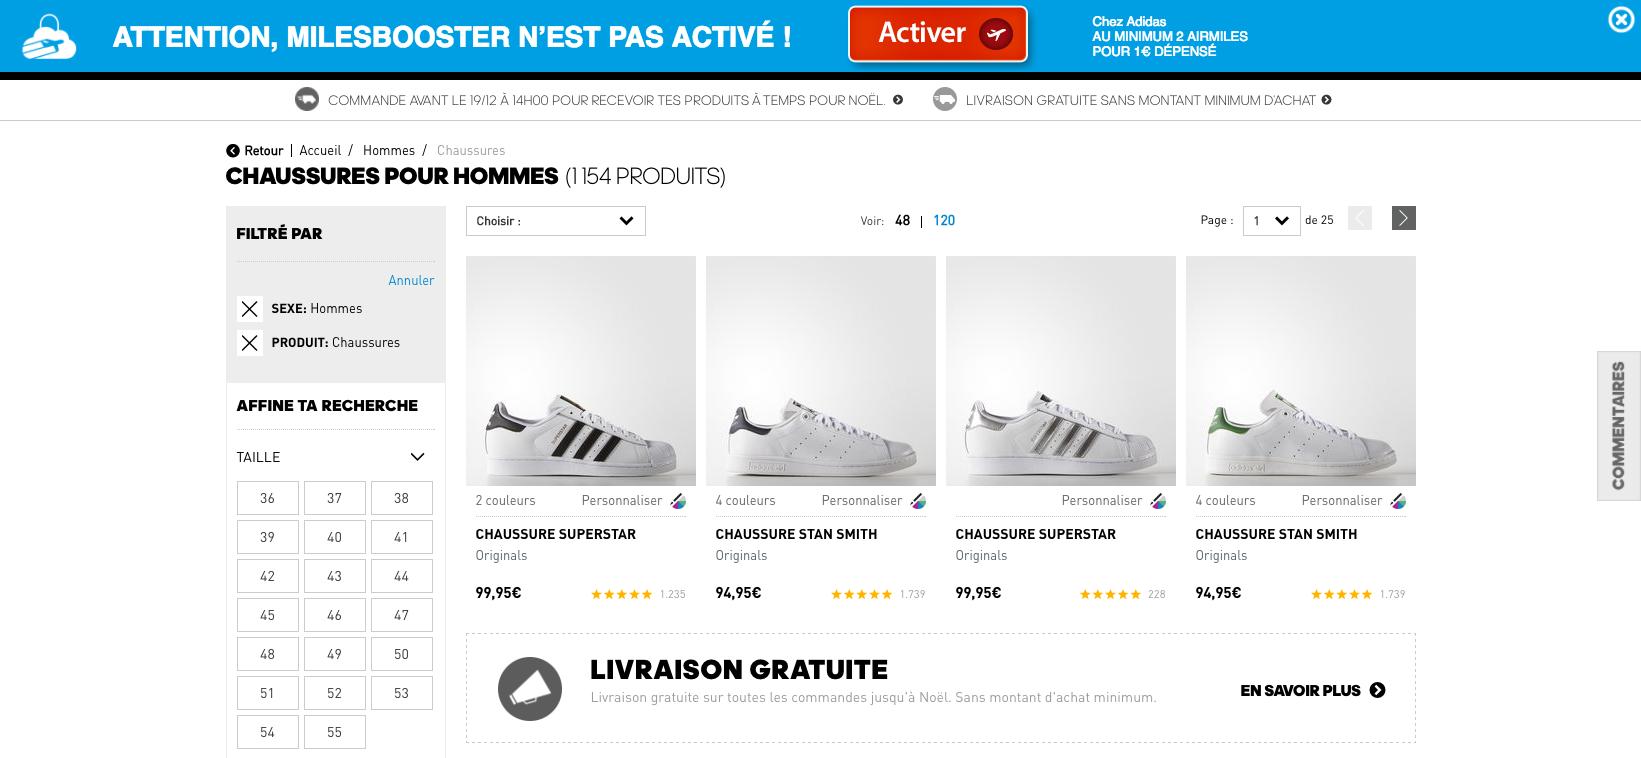 Activez MilesBooster avant votre achat